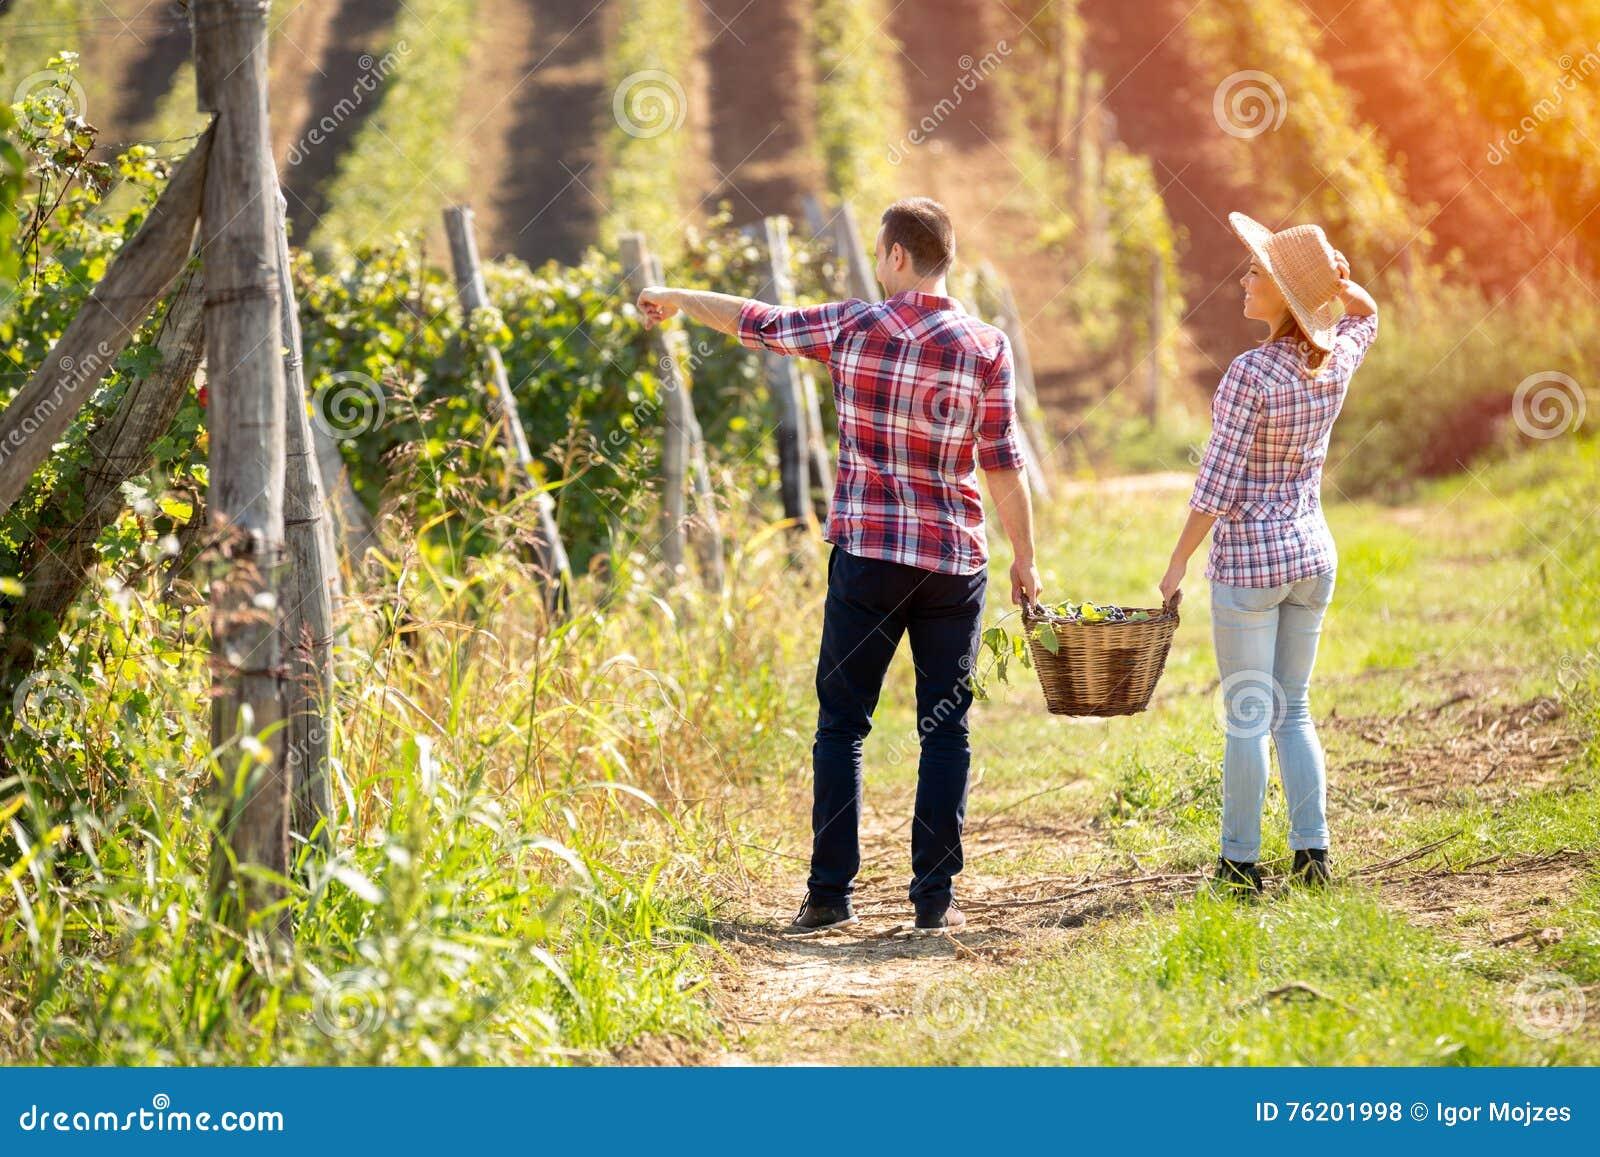 Hintere Ansicht von den jungen Paaren, die in den Weinberg gehen